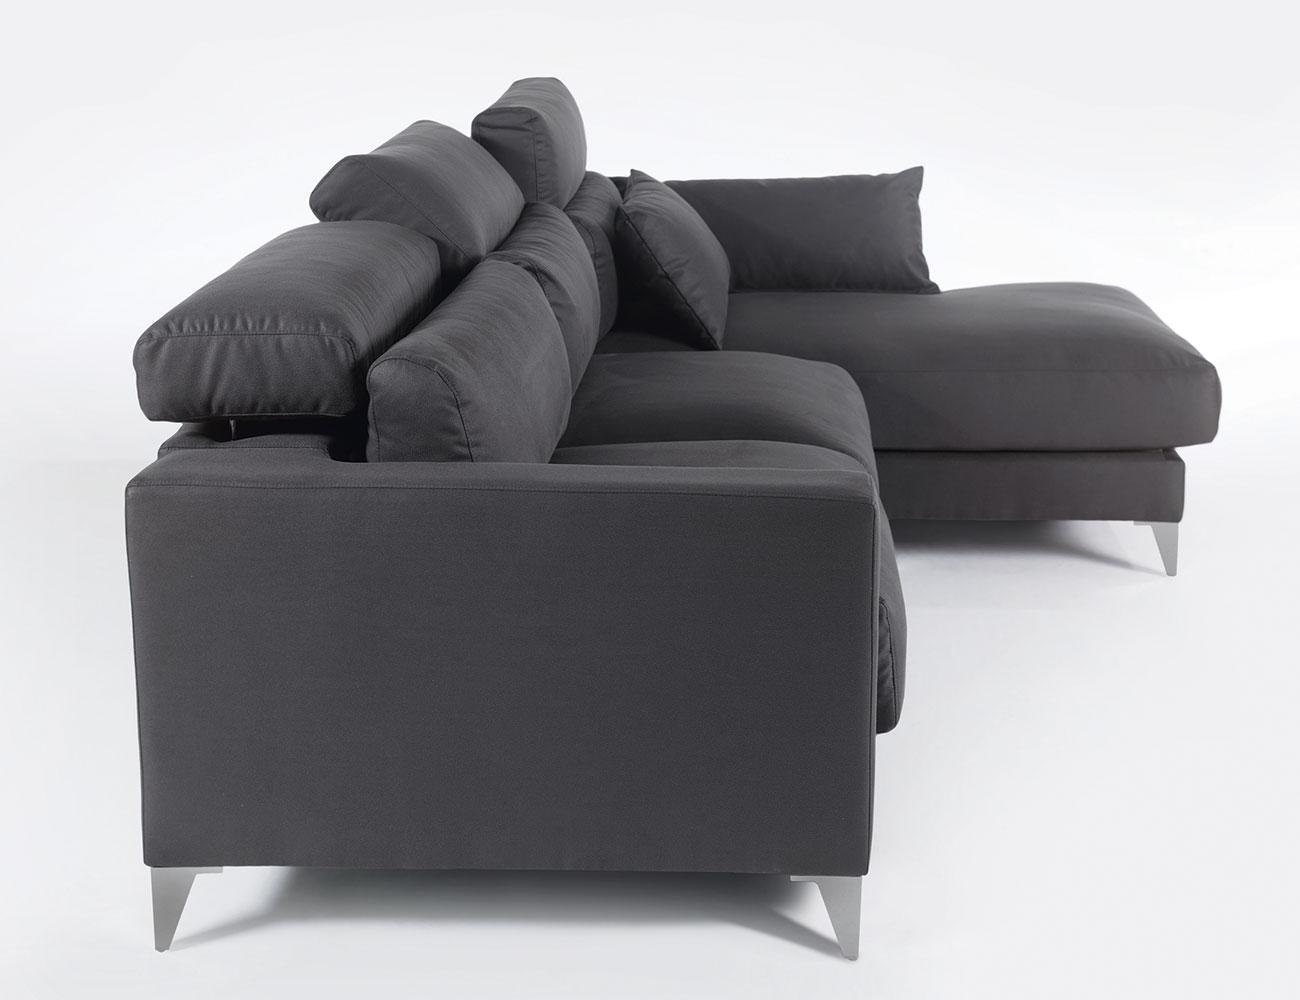 Sofa chaiselongue gran lujo decorativo grafito 138